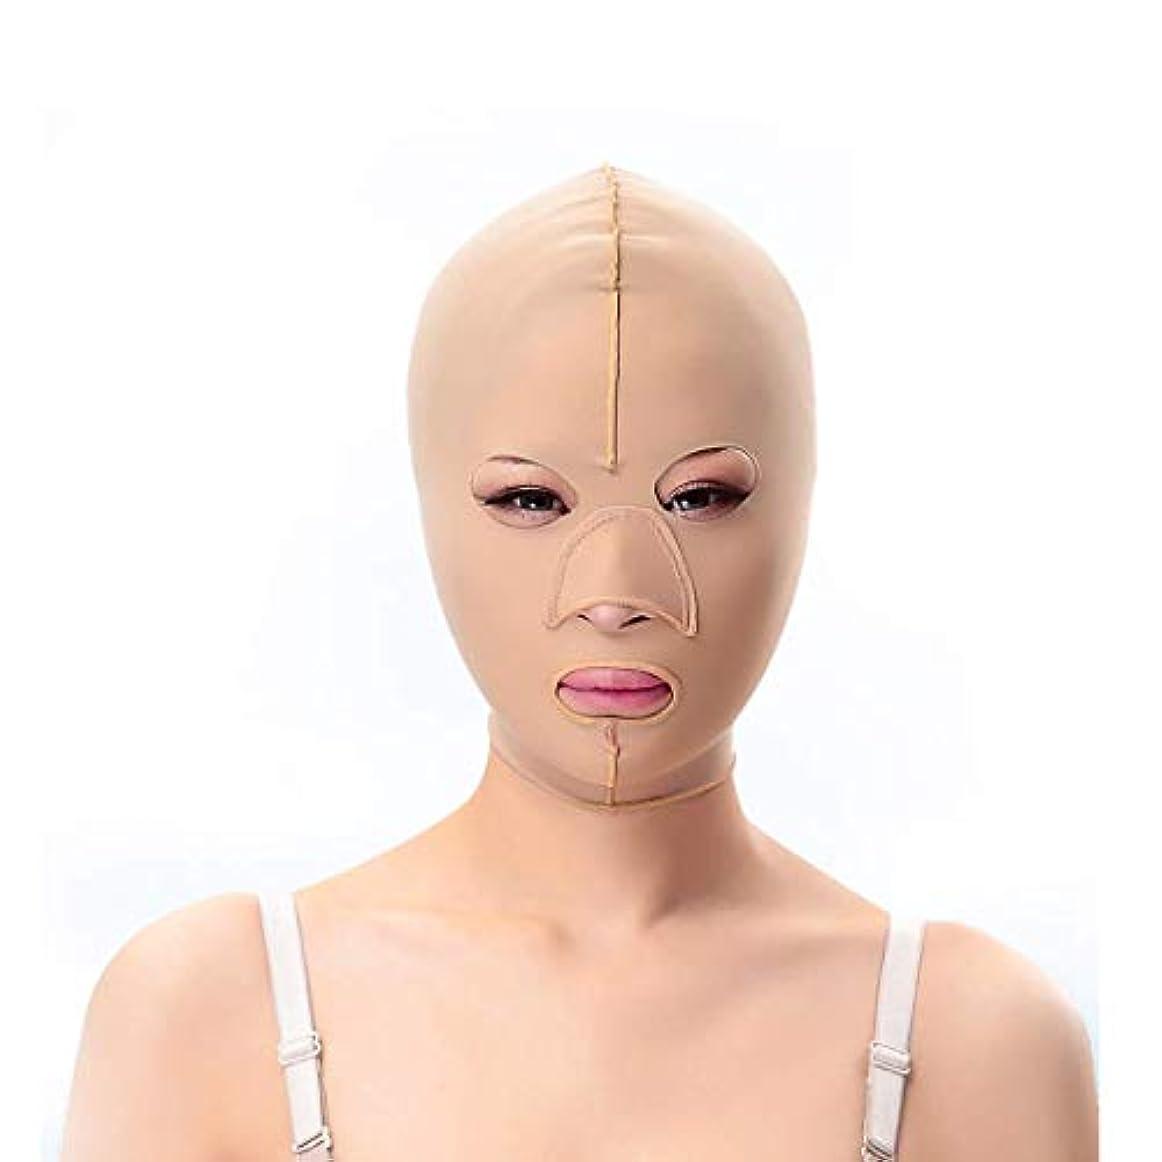 物足りない周波数凝縮するスリミングベルト、二重あごの引き締め顔のプラスチックフェイスアーティファクト強力なフェイス包帯を脇に持ち上げるパターンを欺くためのフェイシャルマスクシンフェイスマスク(サイズ:L),XXL